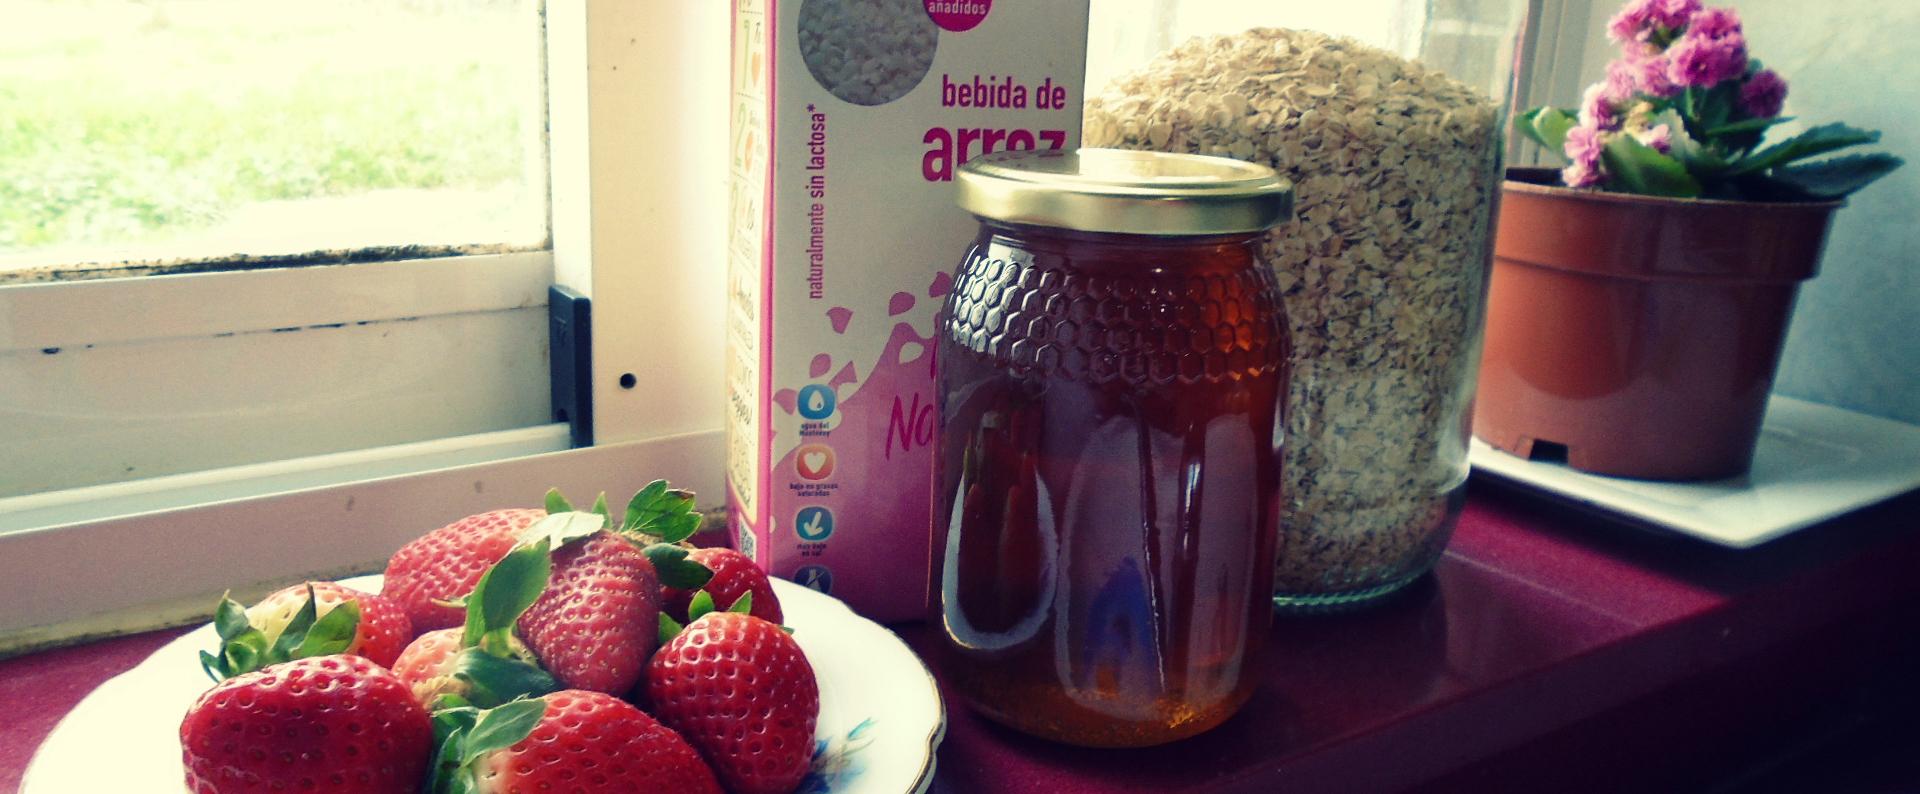 strawberrydesert